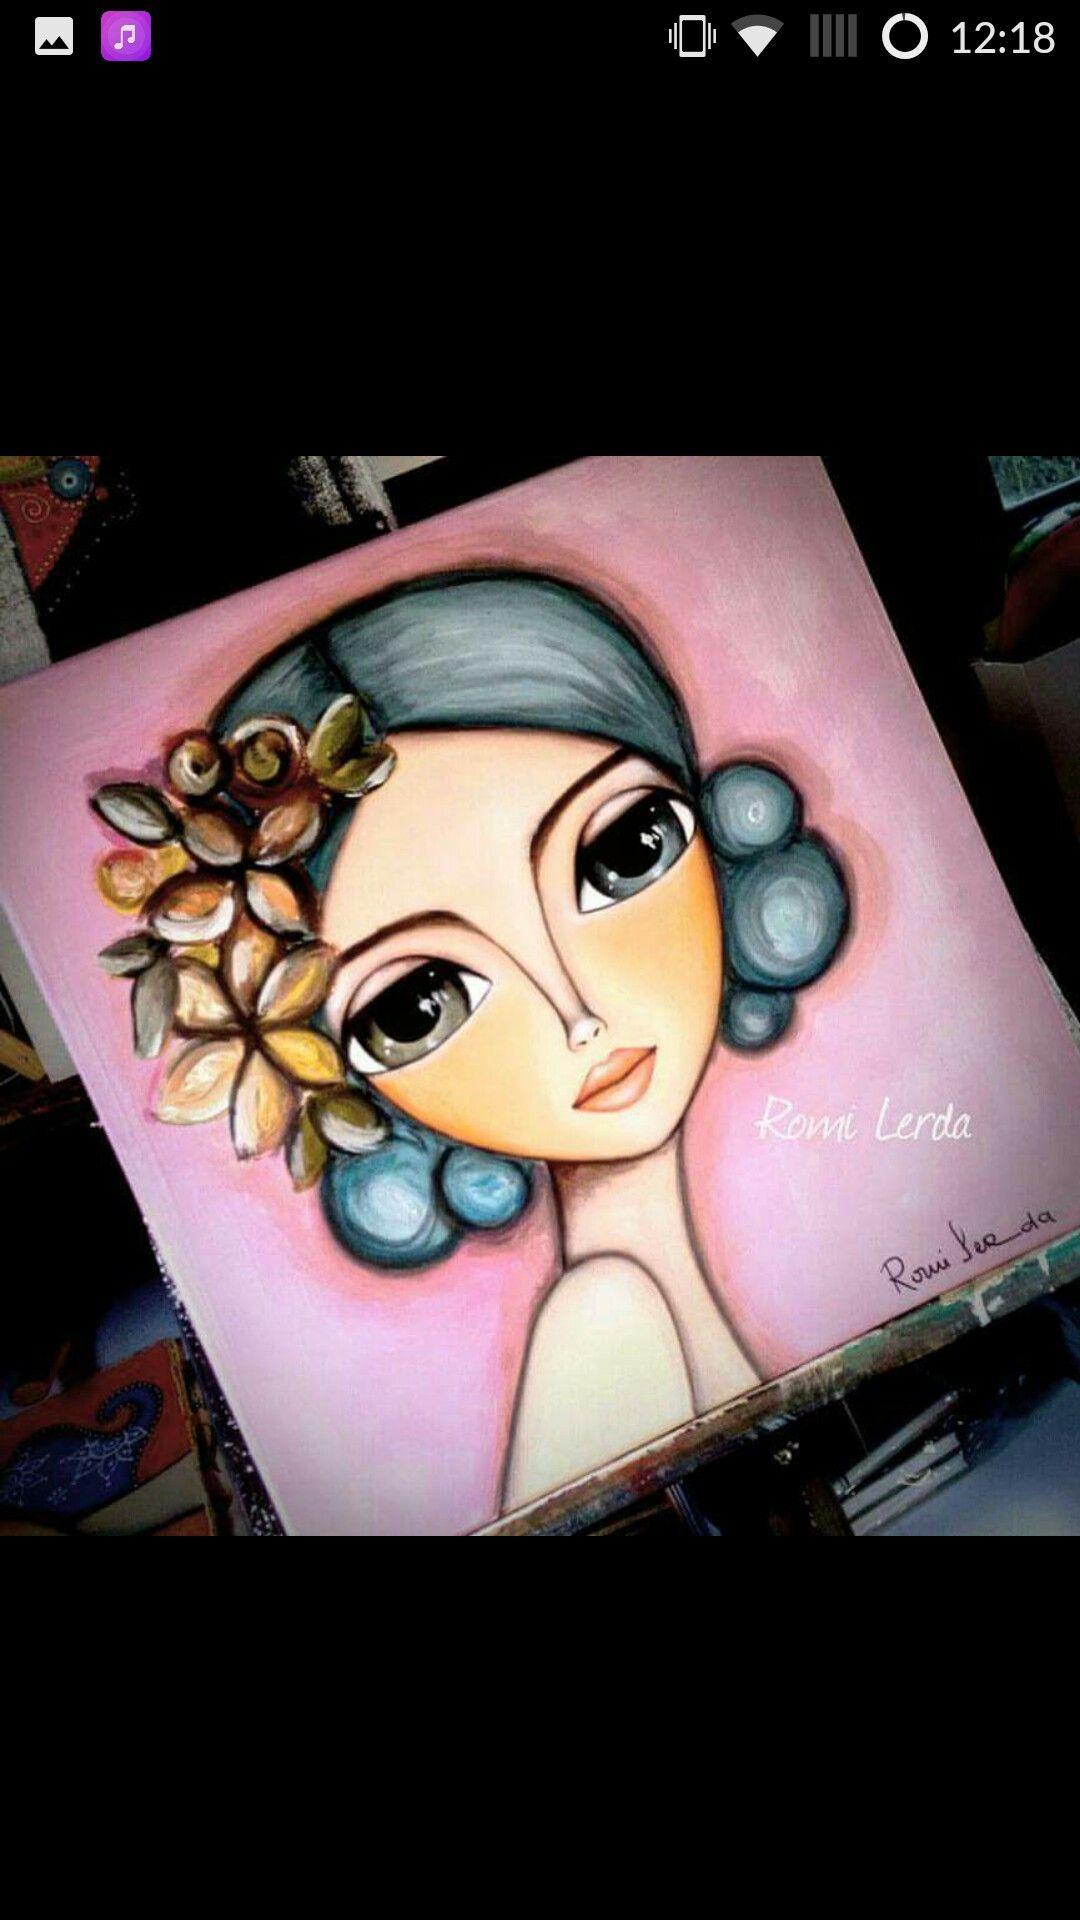 Pin de Natalia palacio en Cuadro | Pinterest | Pinturas, Cuadro y ...